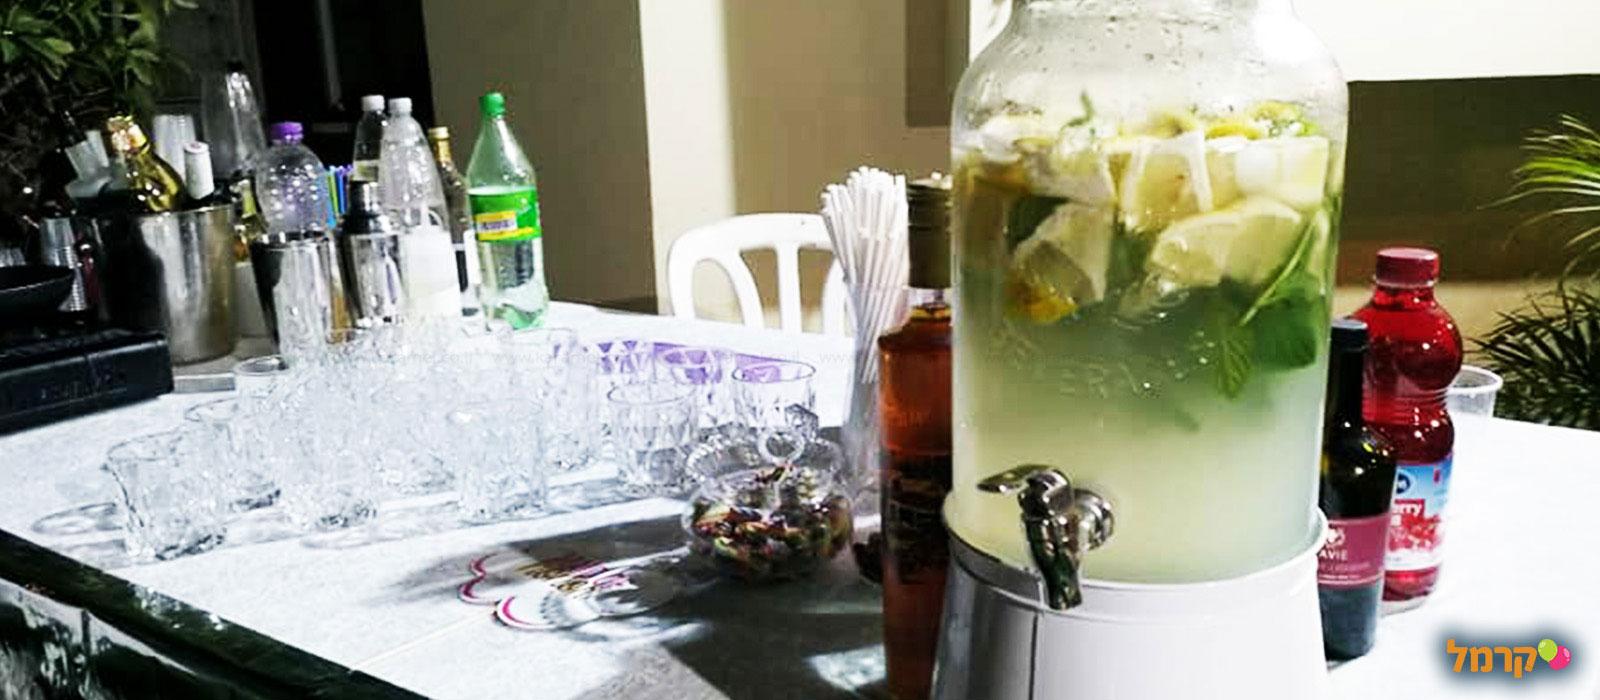 ימימה - אלכוהול וקוקטייל לרווקות - 073-7583018